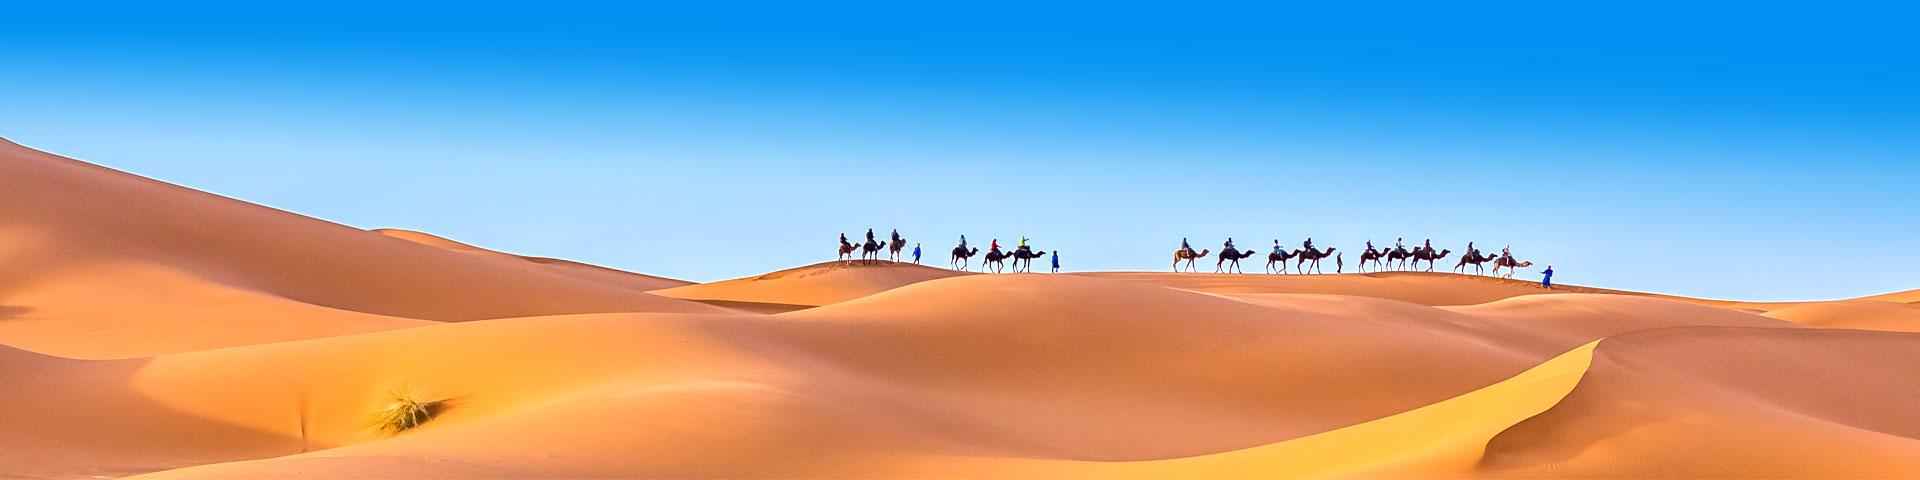 Woestijn in Marokko tijdens de zomervakantie